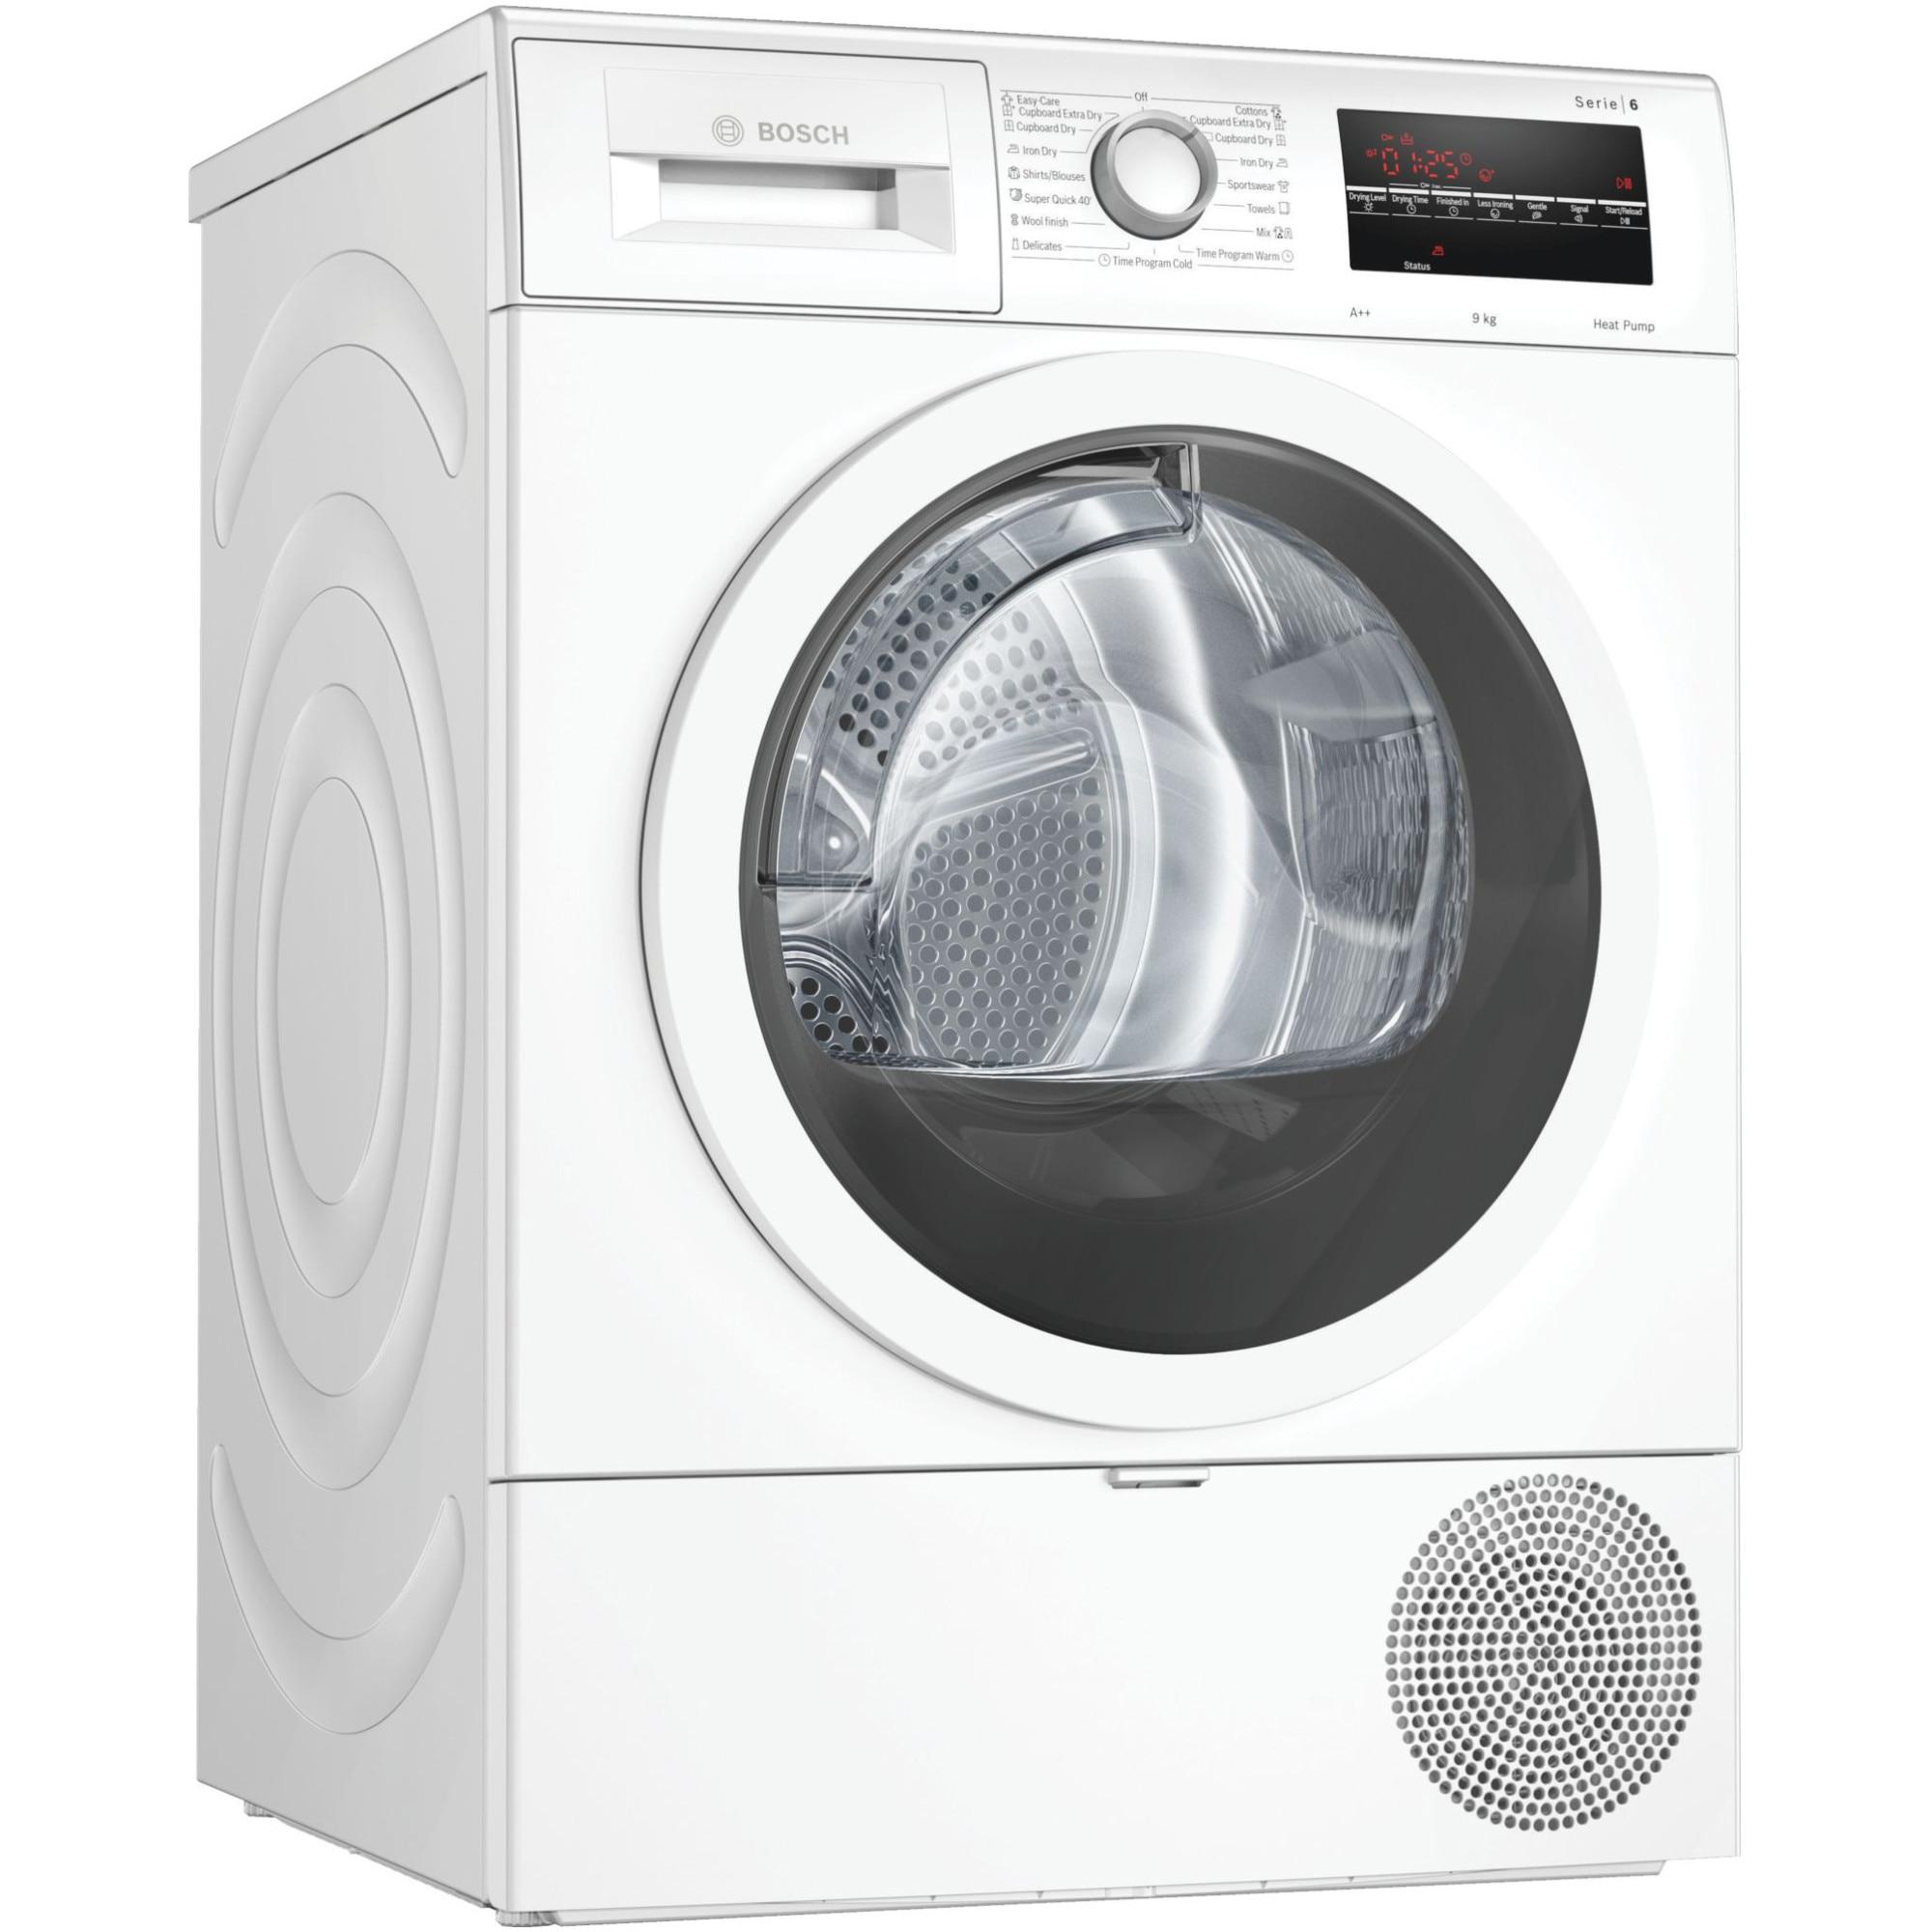 Fotografie Uscator de rufe Bosch WTR85T00BY, Pompa de caldura, 9 kg, 15 programe, Clasa A++, EasyClean filter, Alb